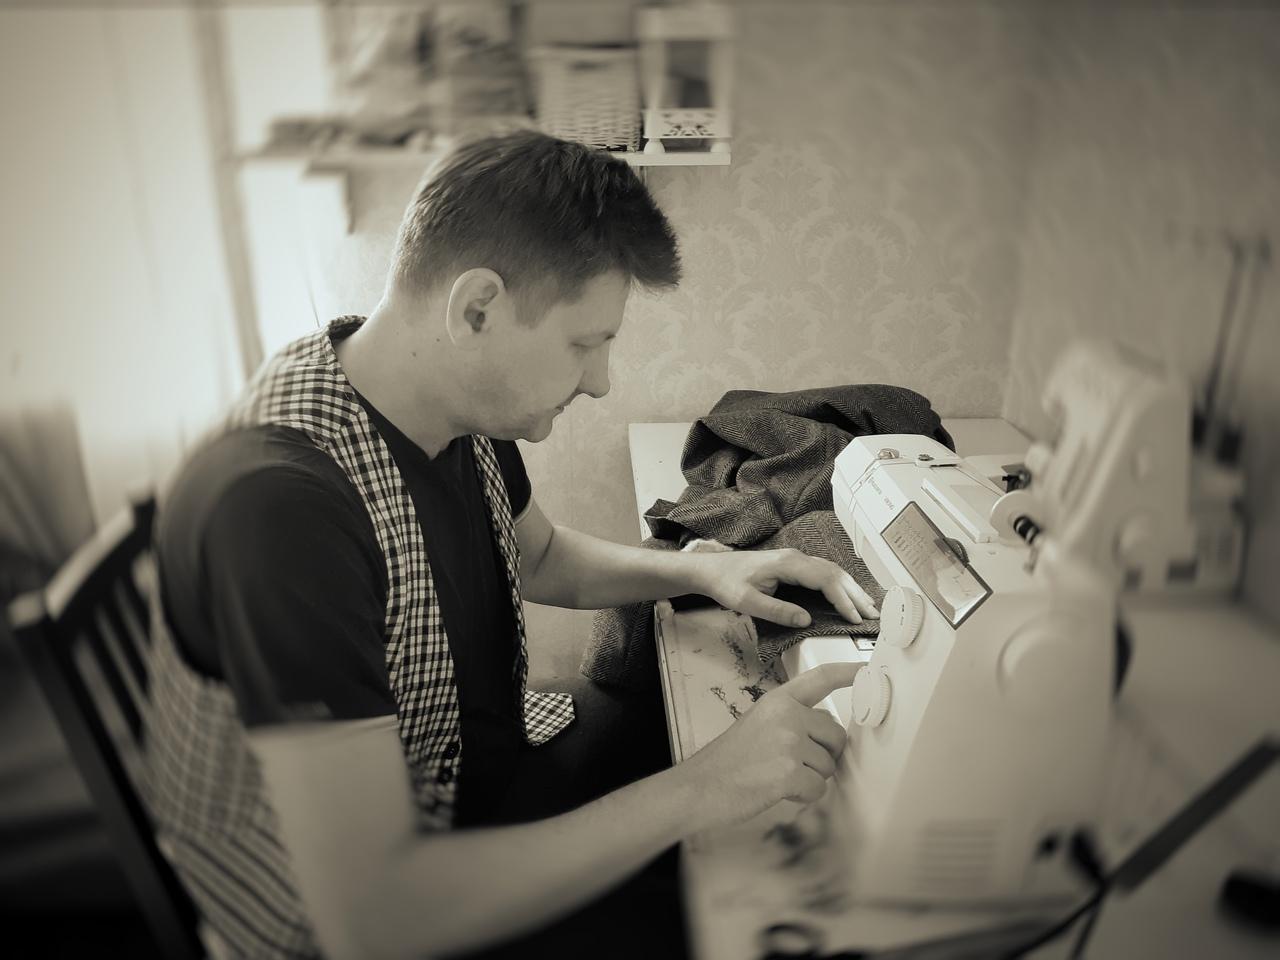 Антон шьет одежду на дому